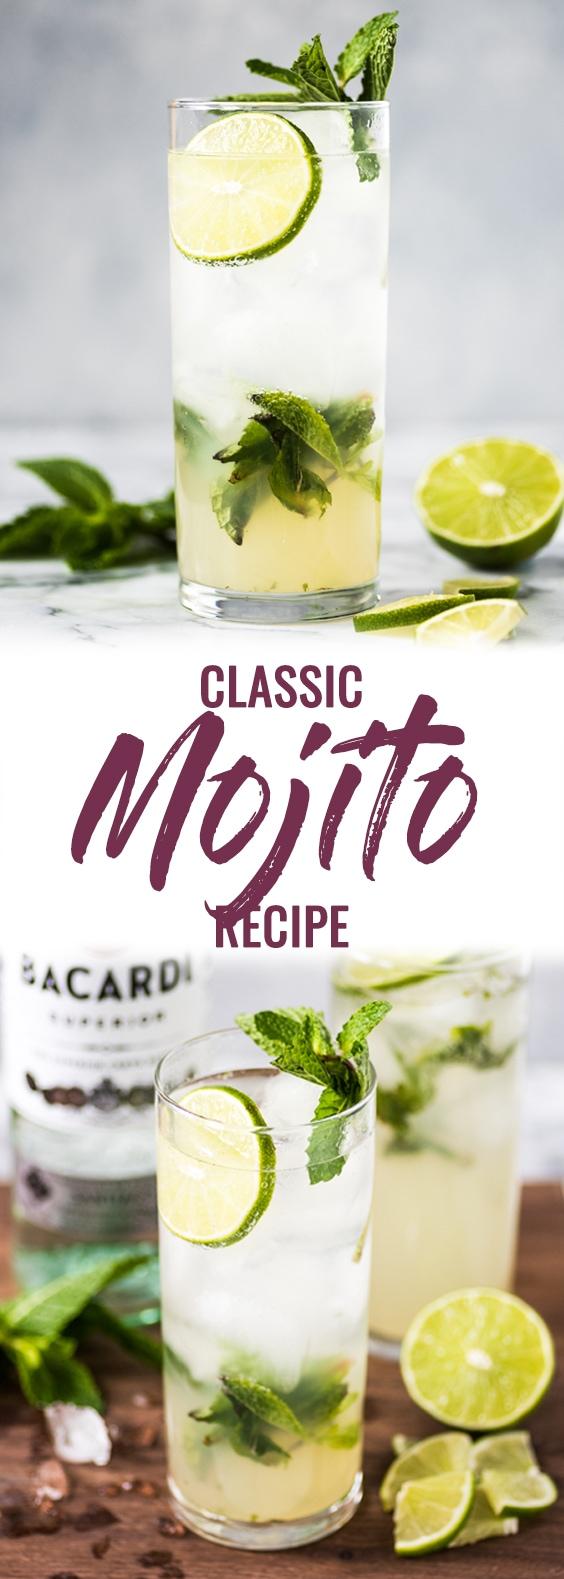 Classic Mojito Recipe Mojito Recipe Best Mojito Recipe Easy Mojito Recipe